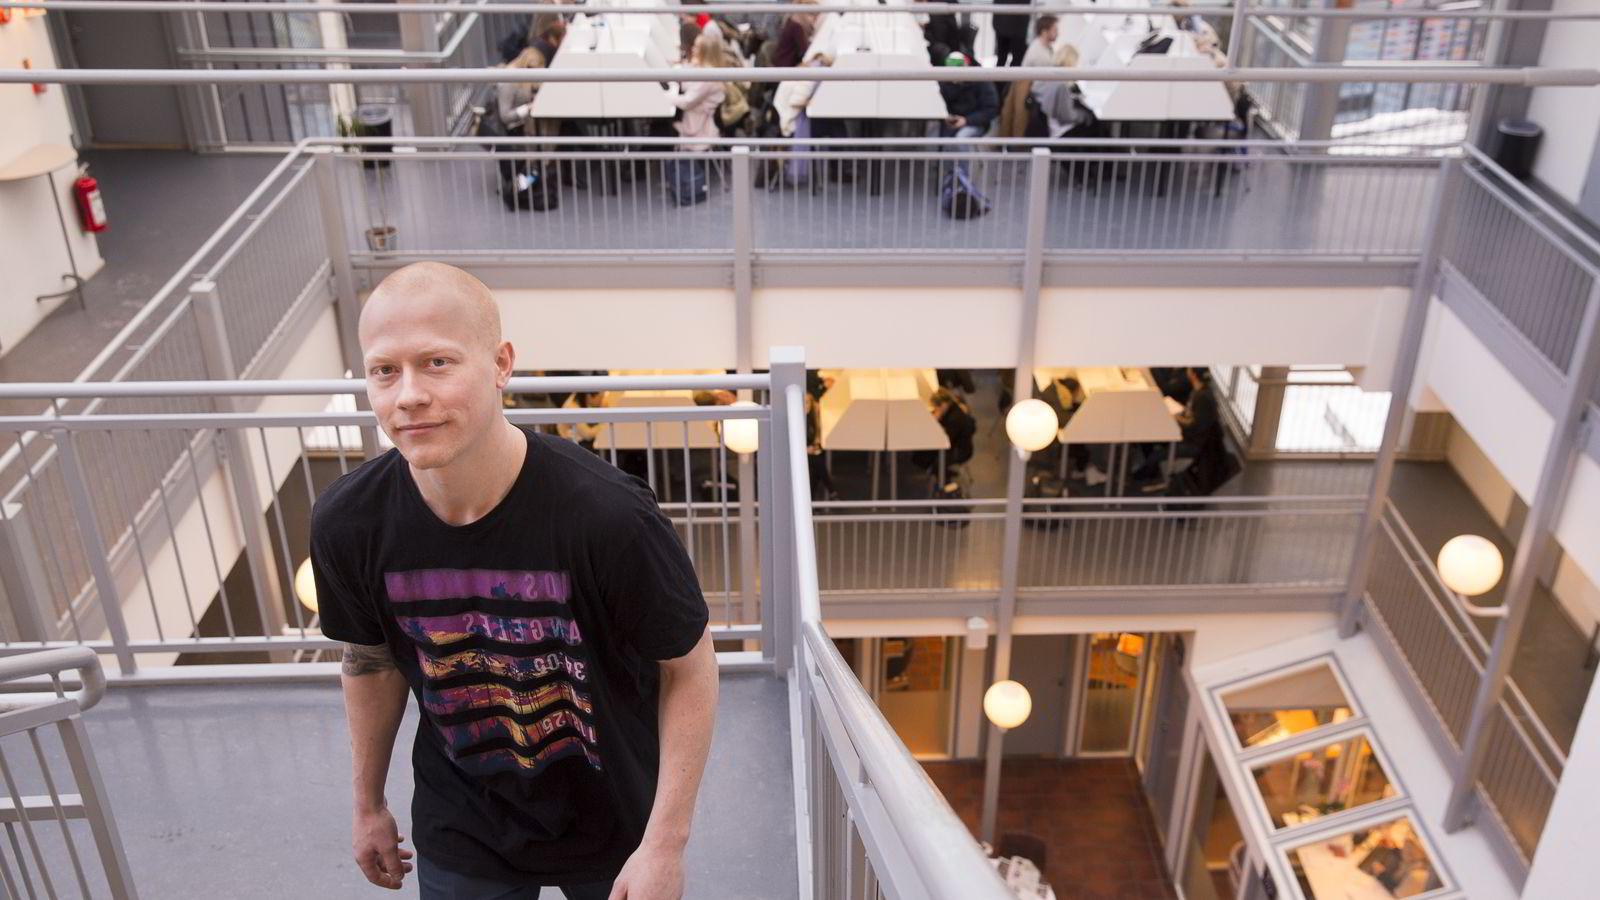 - Det var ikke aktuelt med skole med én gang. Jeg jobbet, var i militæret, sprellet fra meg, kan du si, sier Magnus Sørensen (24) som er i gang med runde to med privatistkurs på Sonans. Nå skal han ta realfag for å begynne på ingeniørstudier.